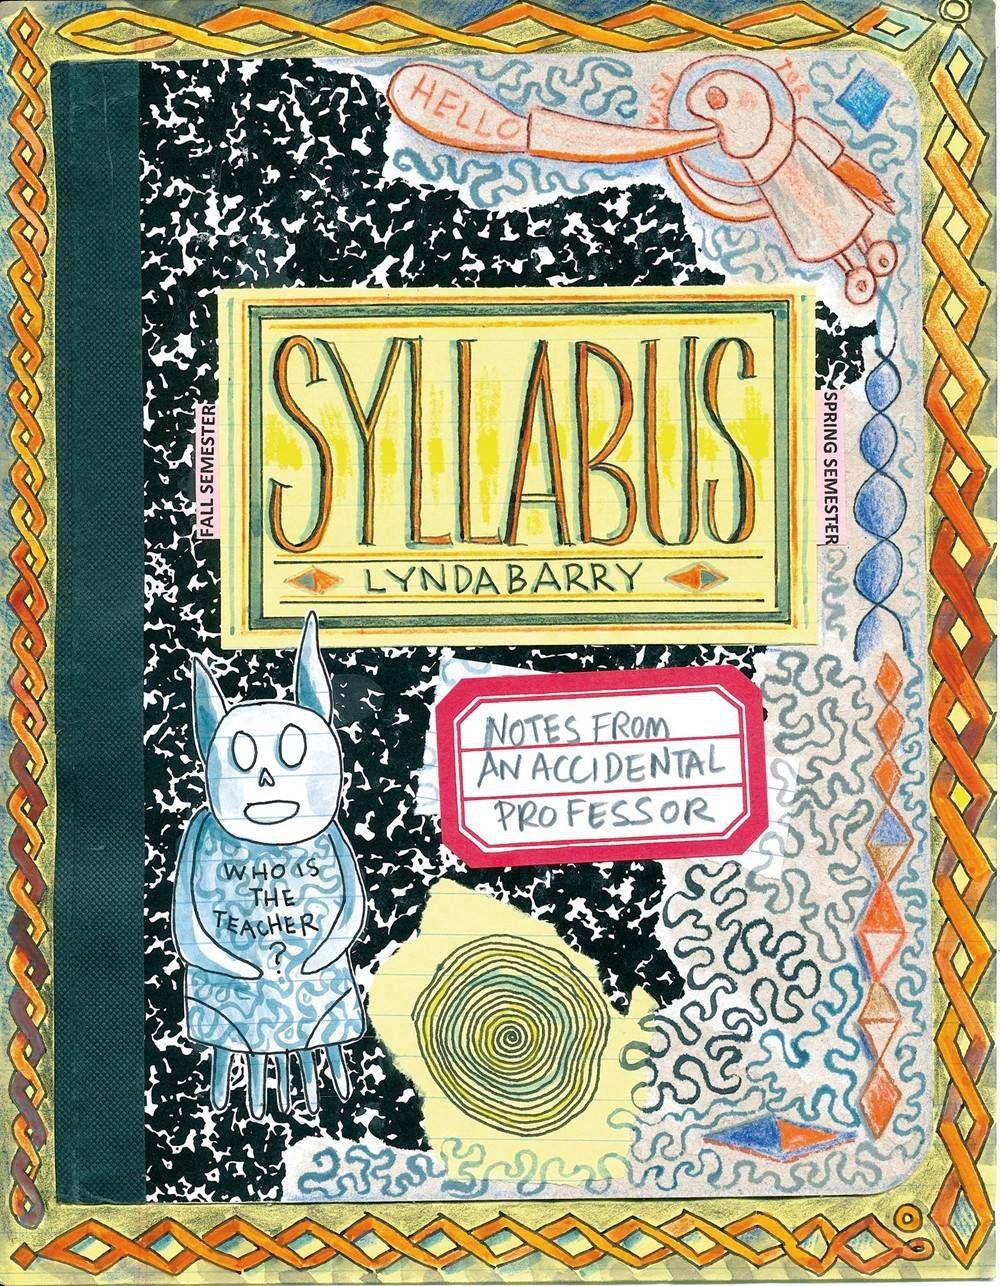 syllabus - lynda barry